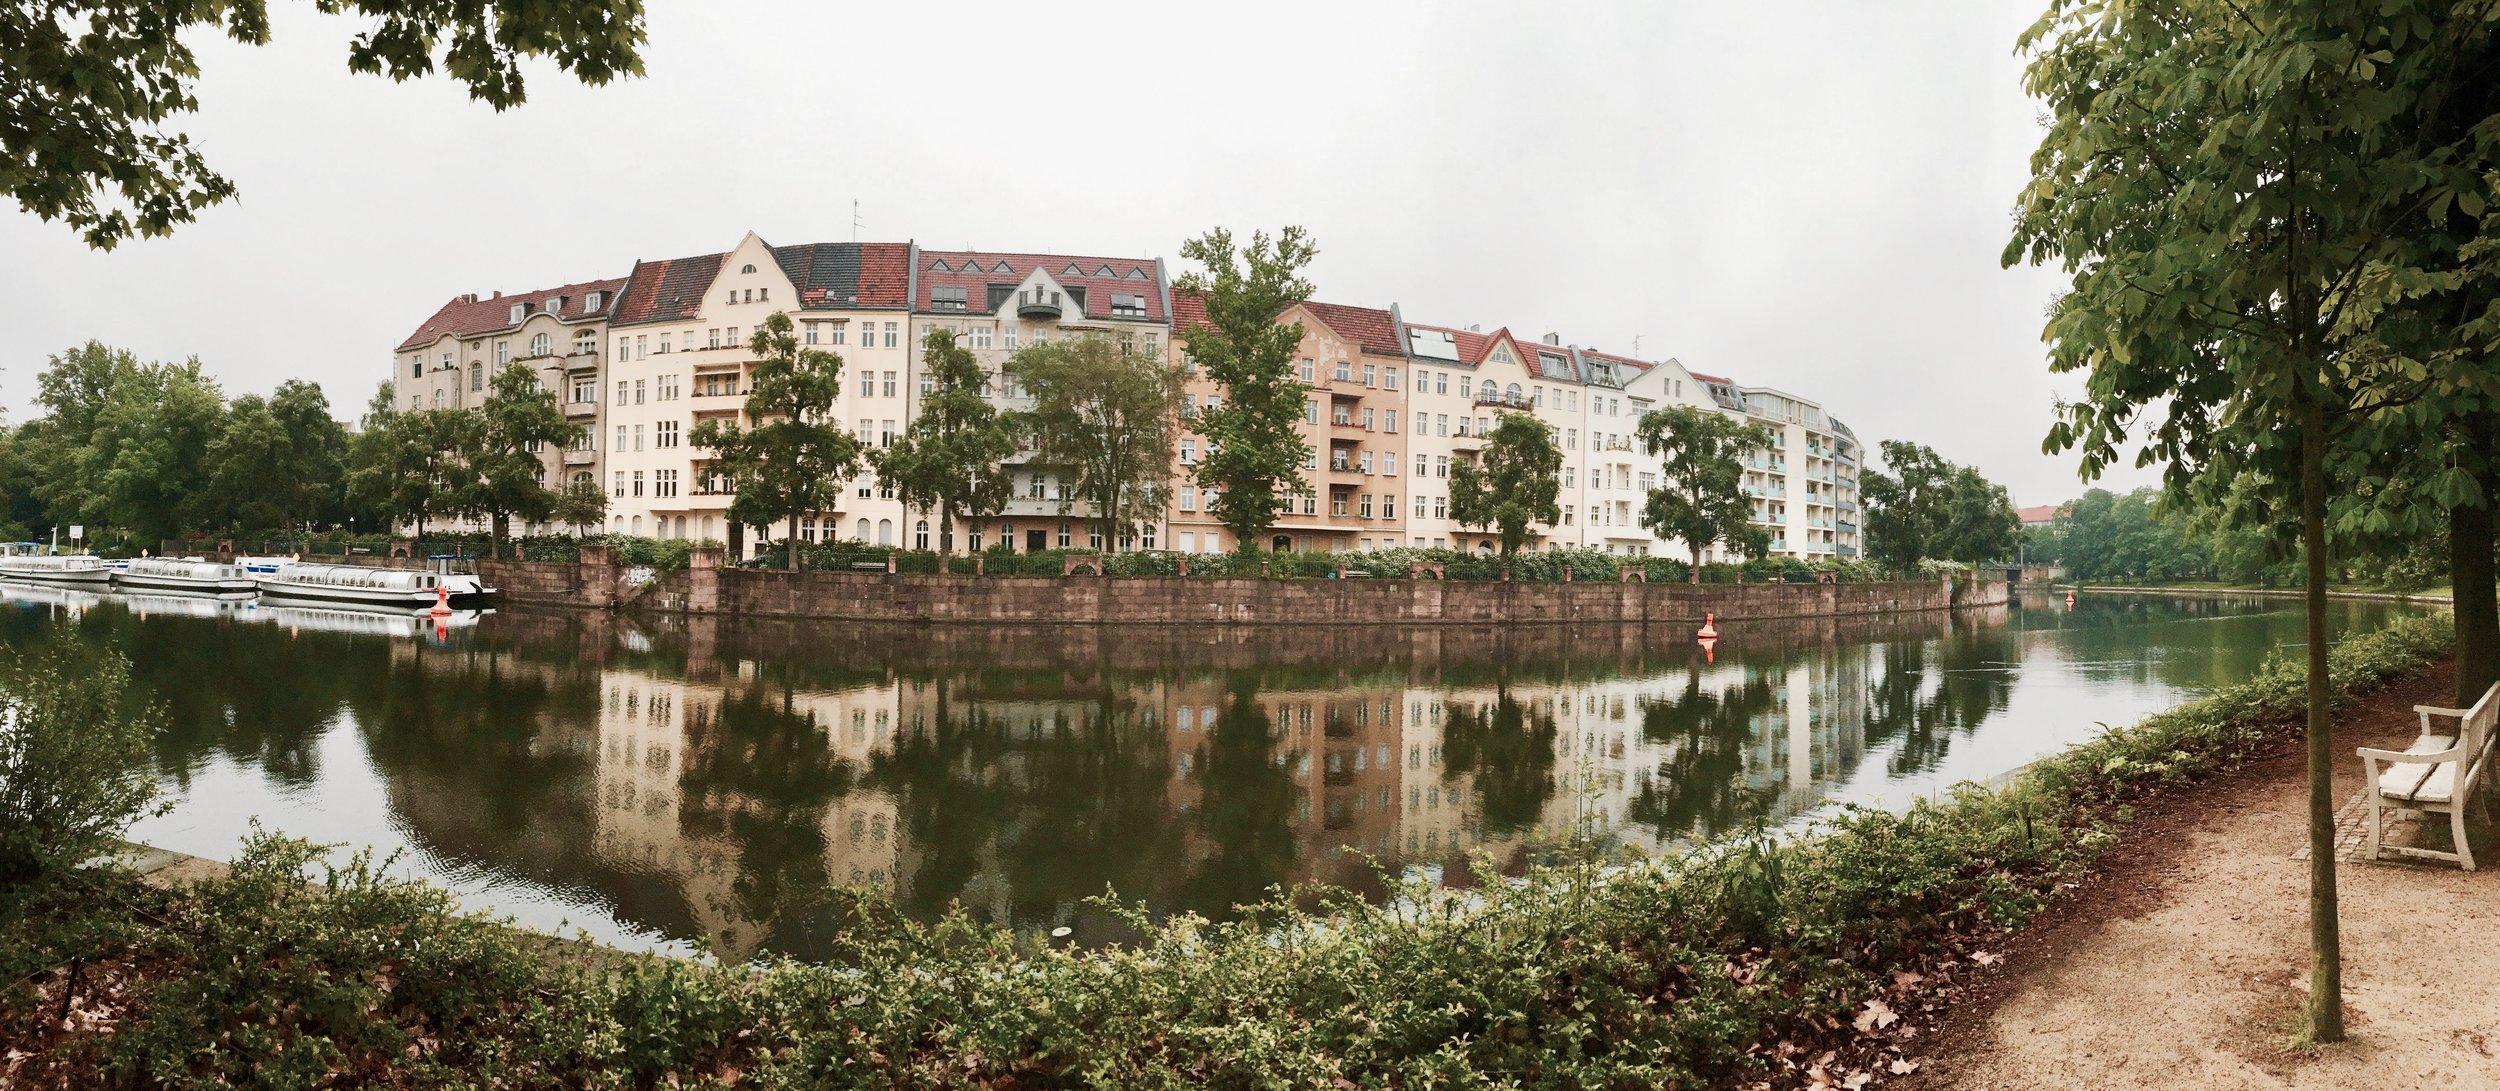 Schlosspark - Schlosspark Charlottenburg